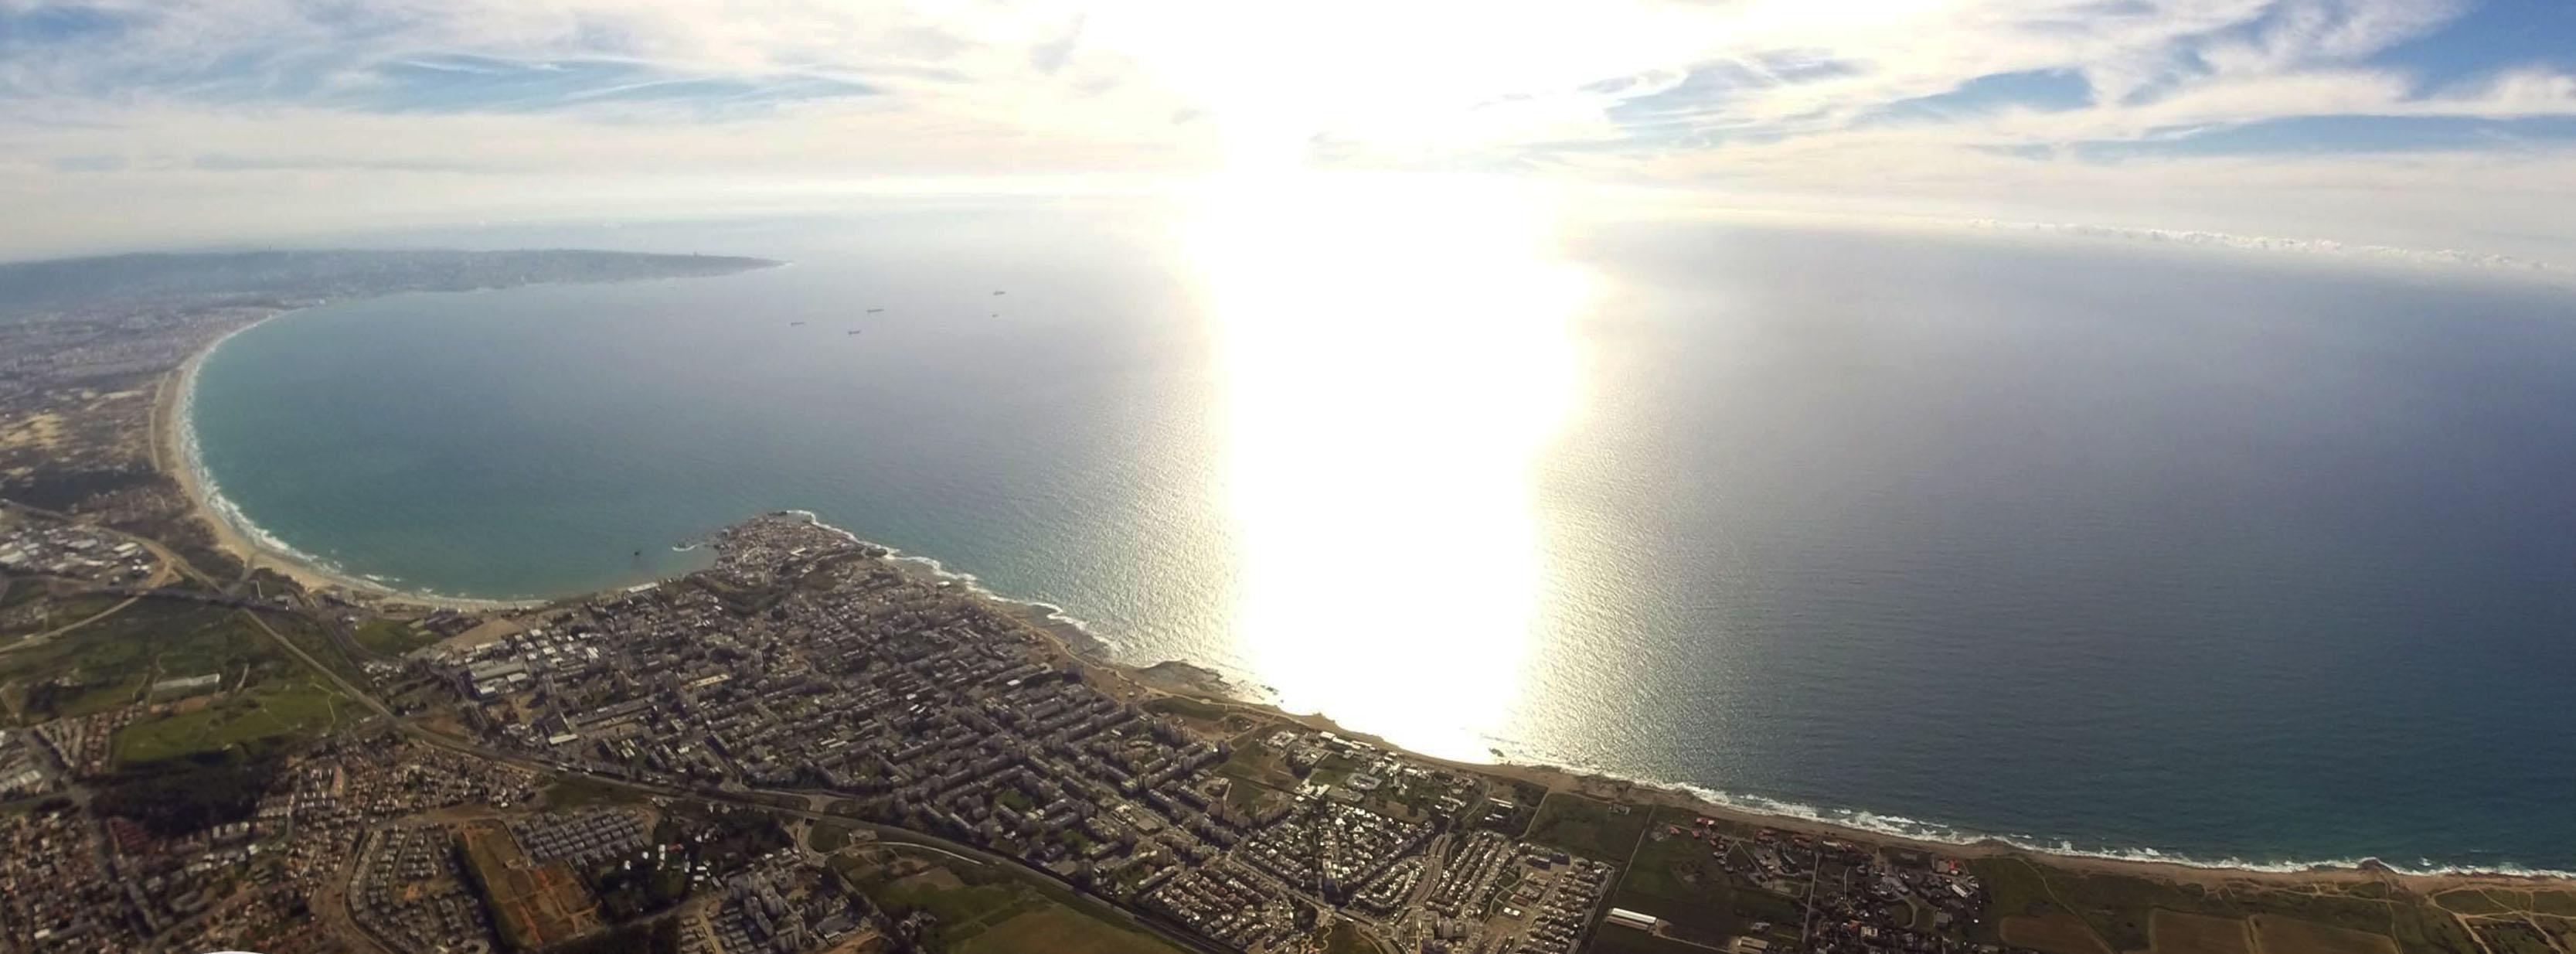 מפרץ עכו והעיר העתיקה